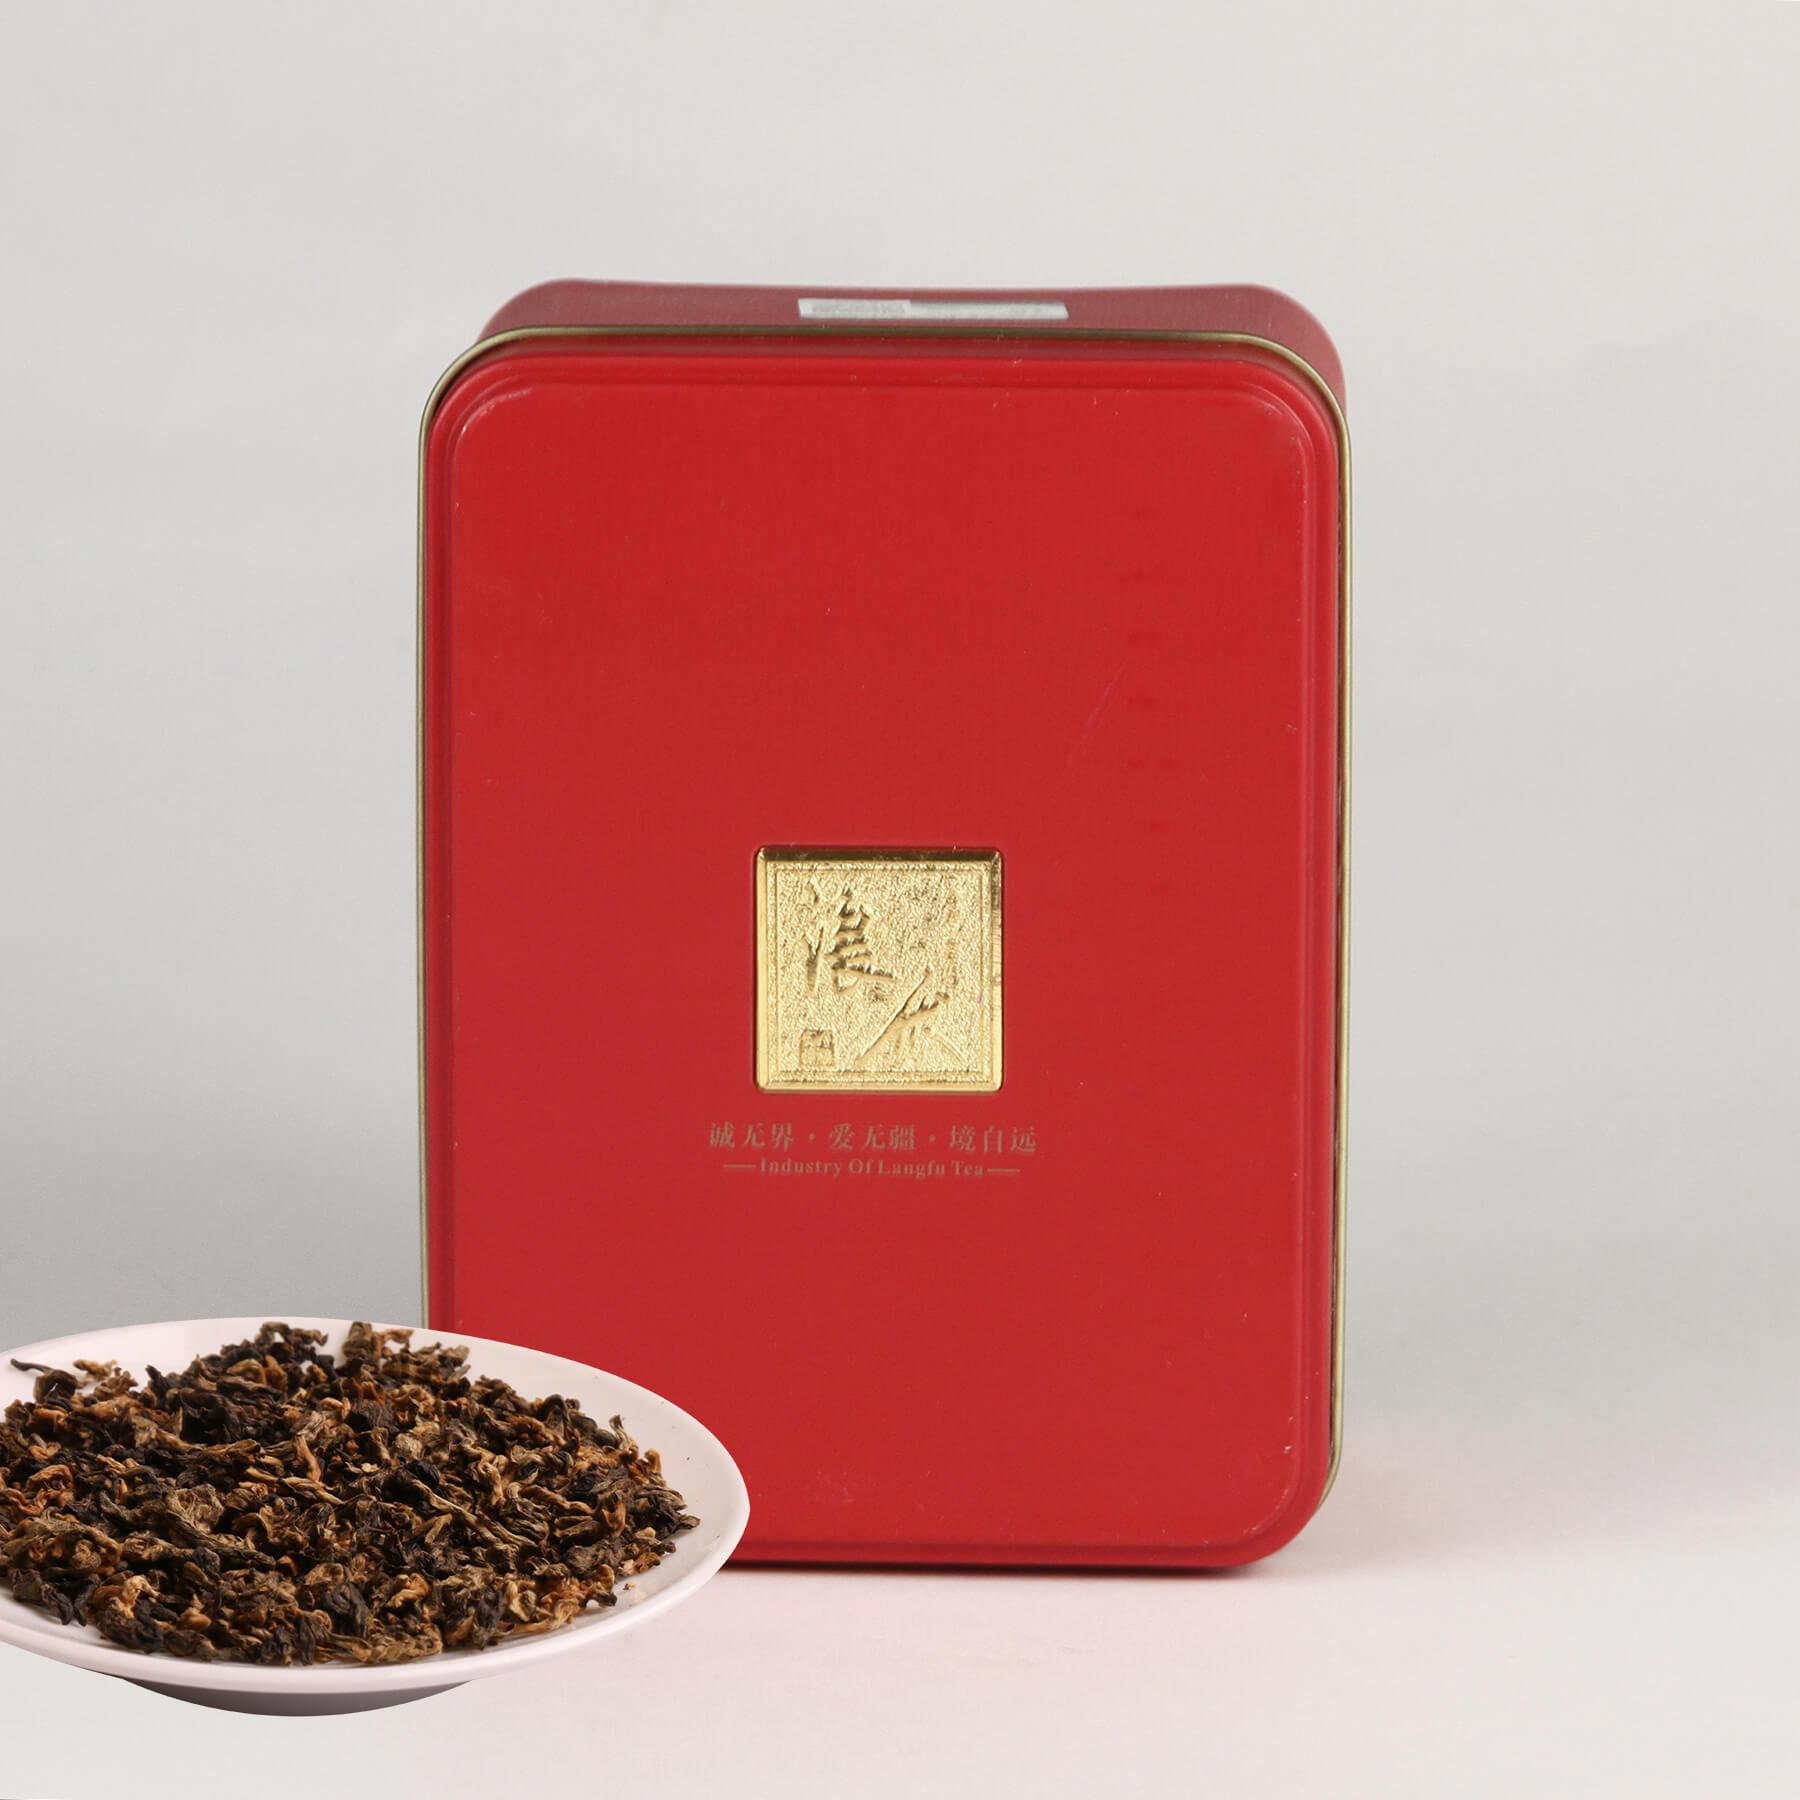 金螺有机红茶(2016)红茶价格875元/斤